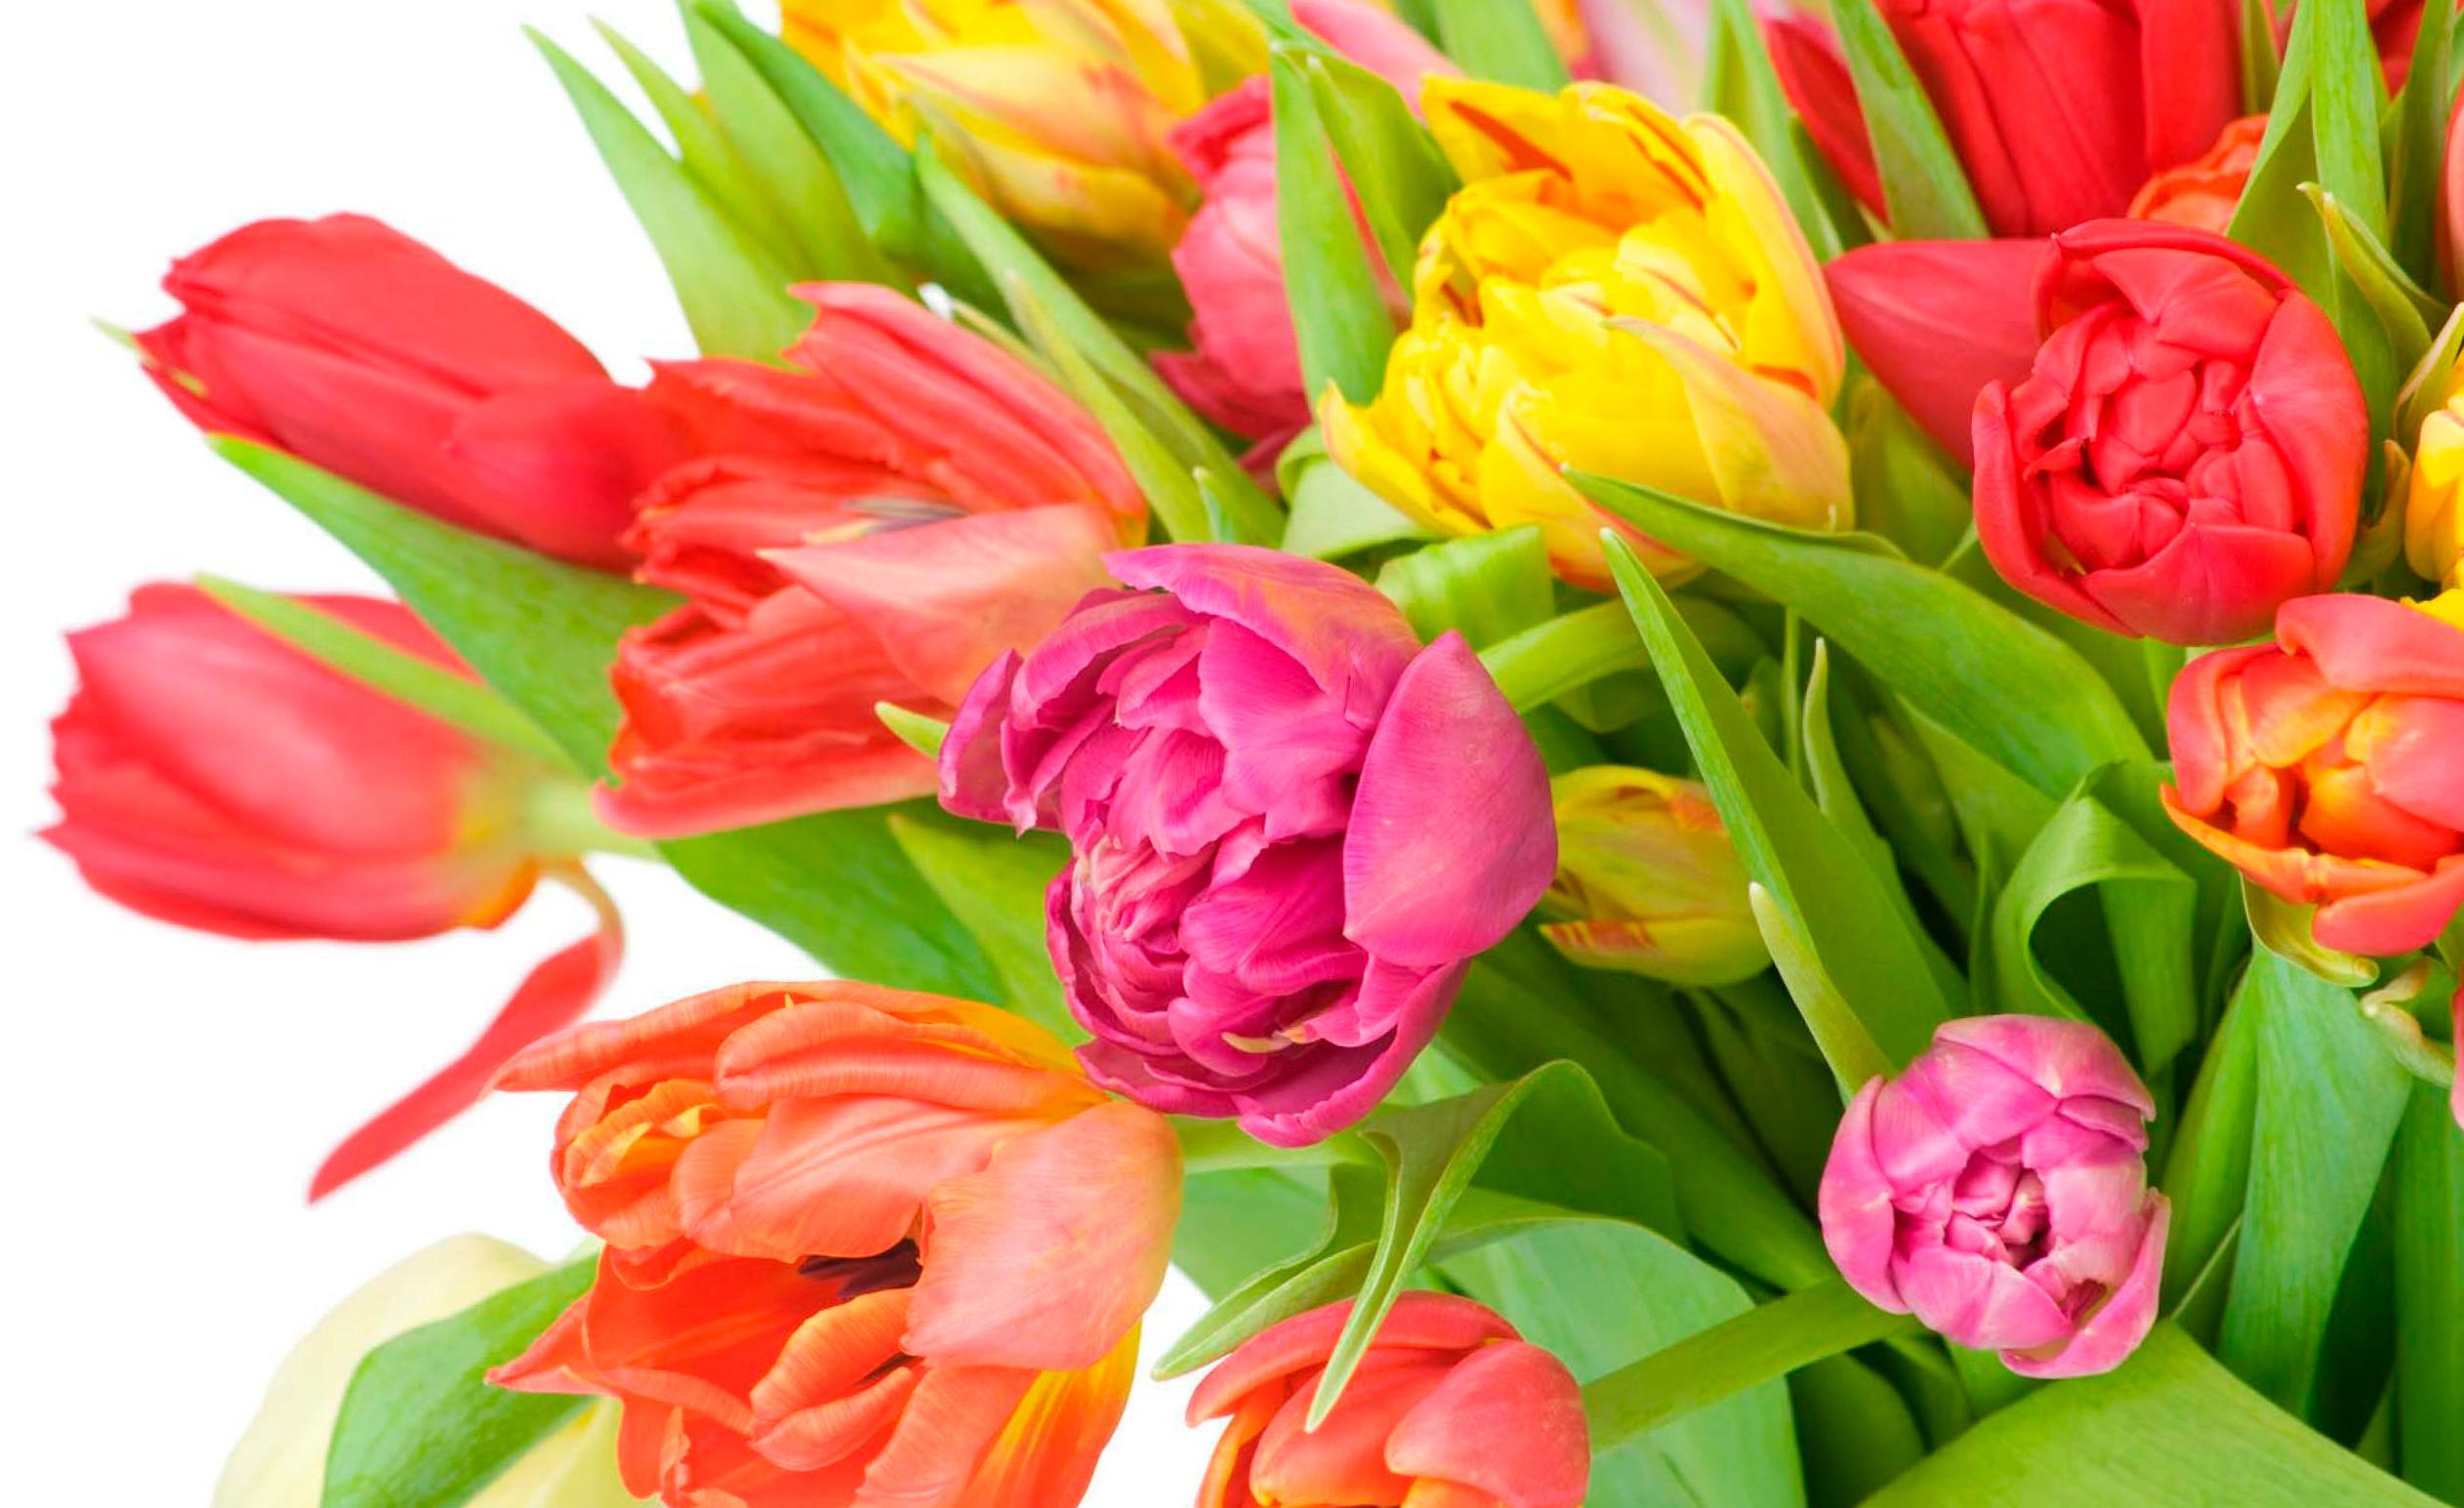 tulip-photo-110